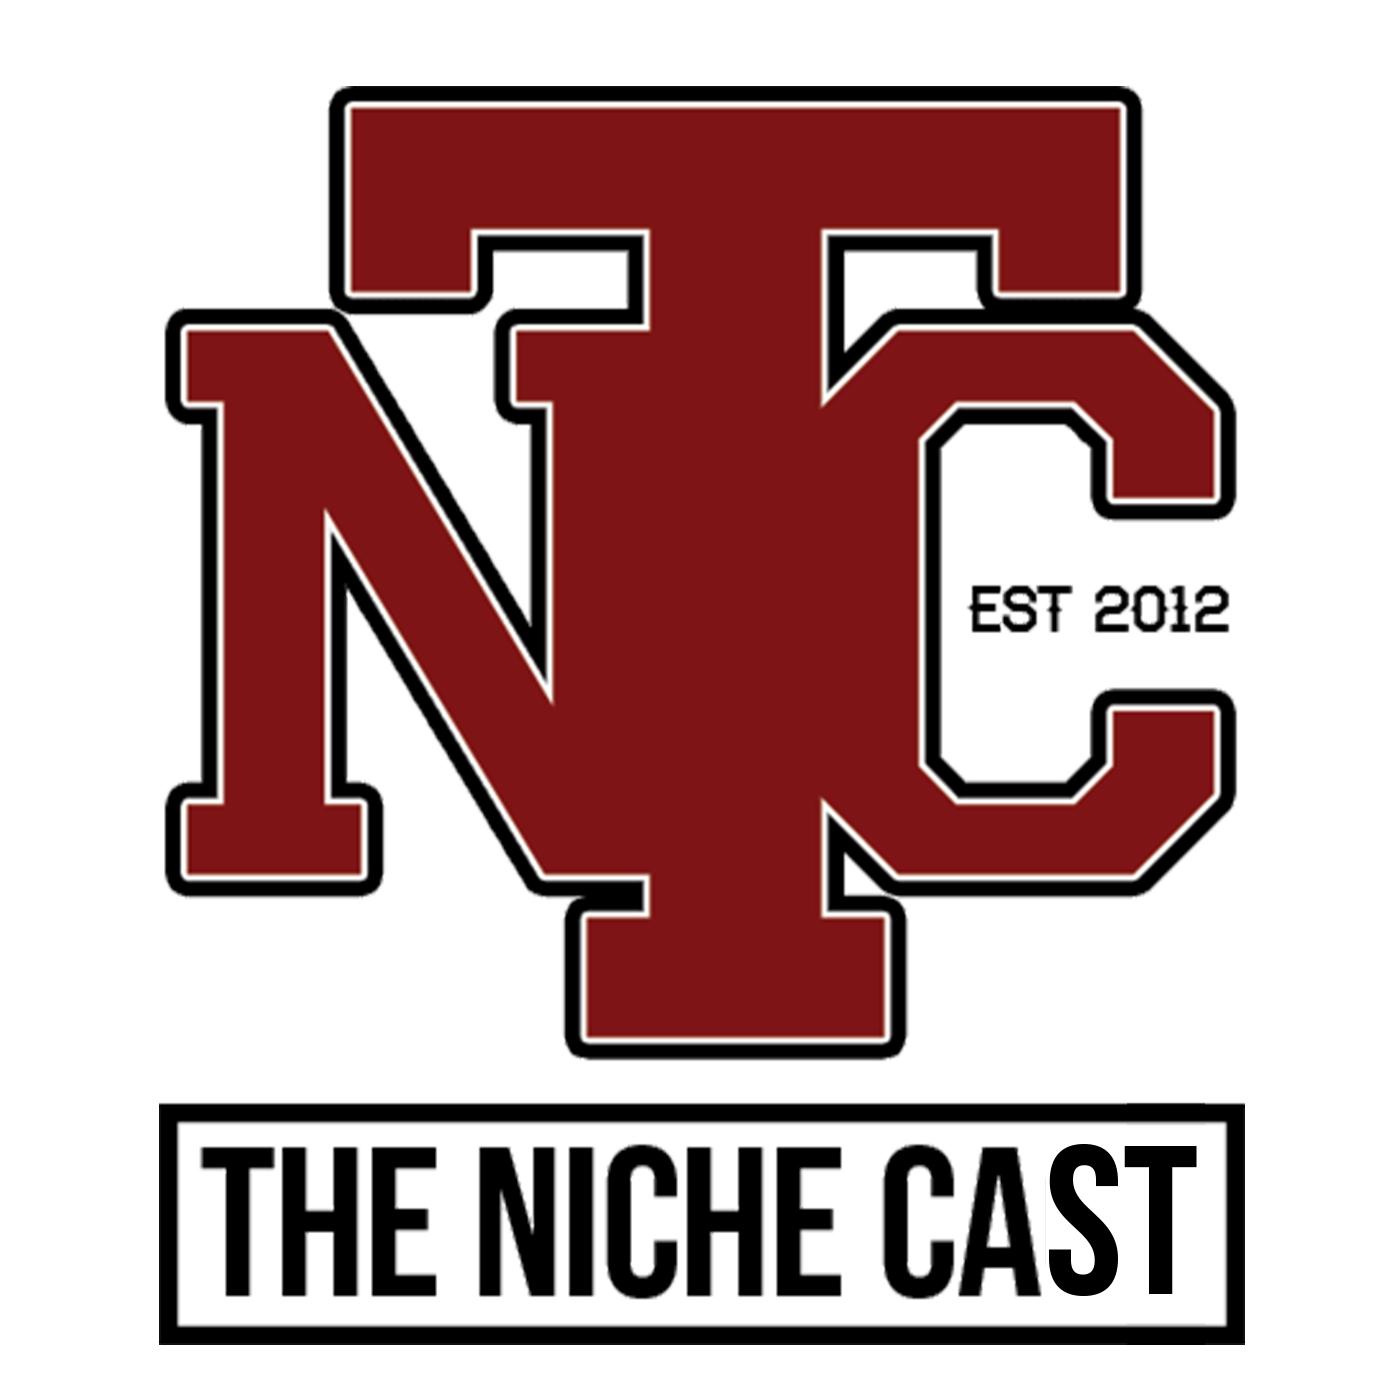 The Niche Cast - The Niche Cache